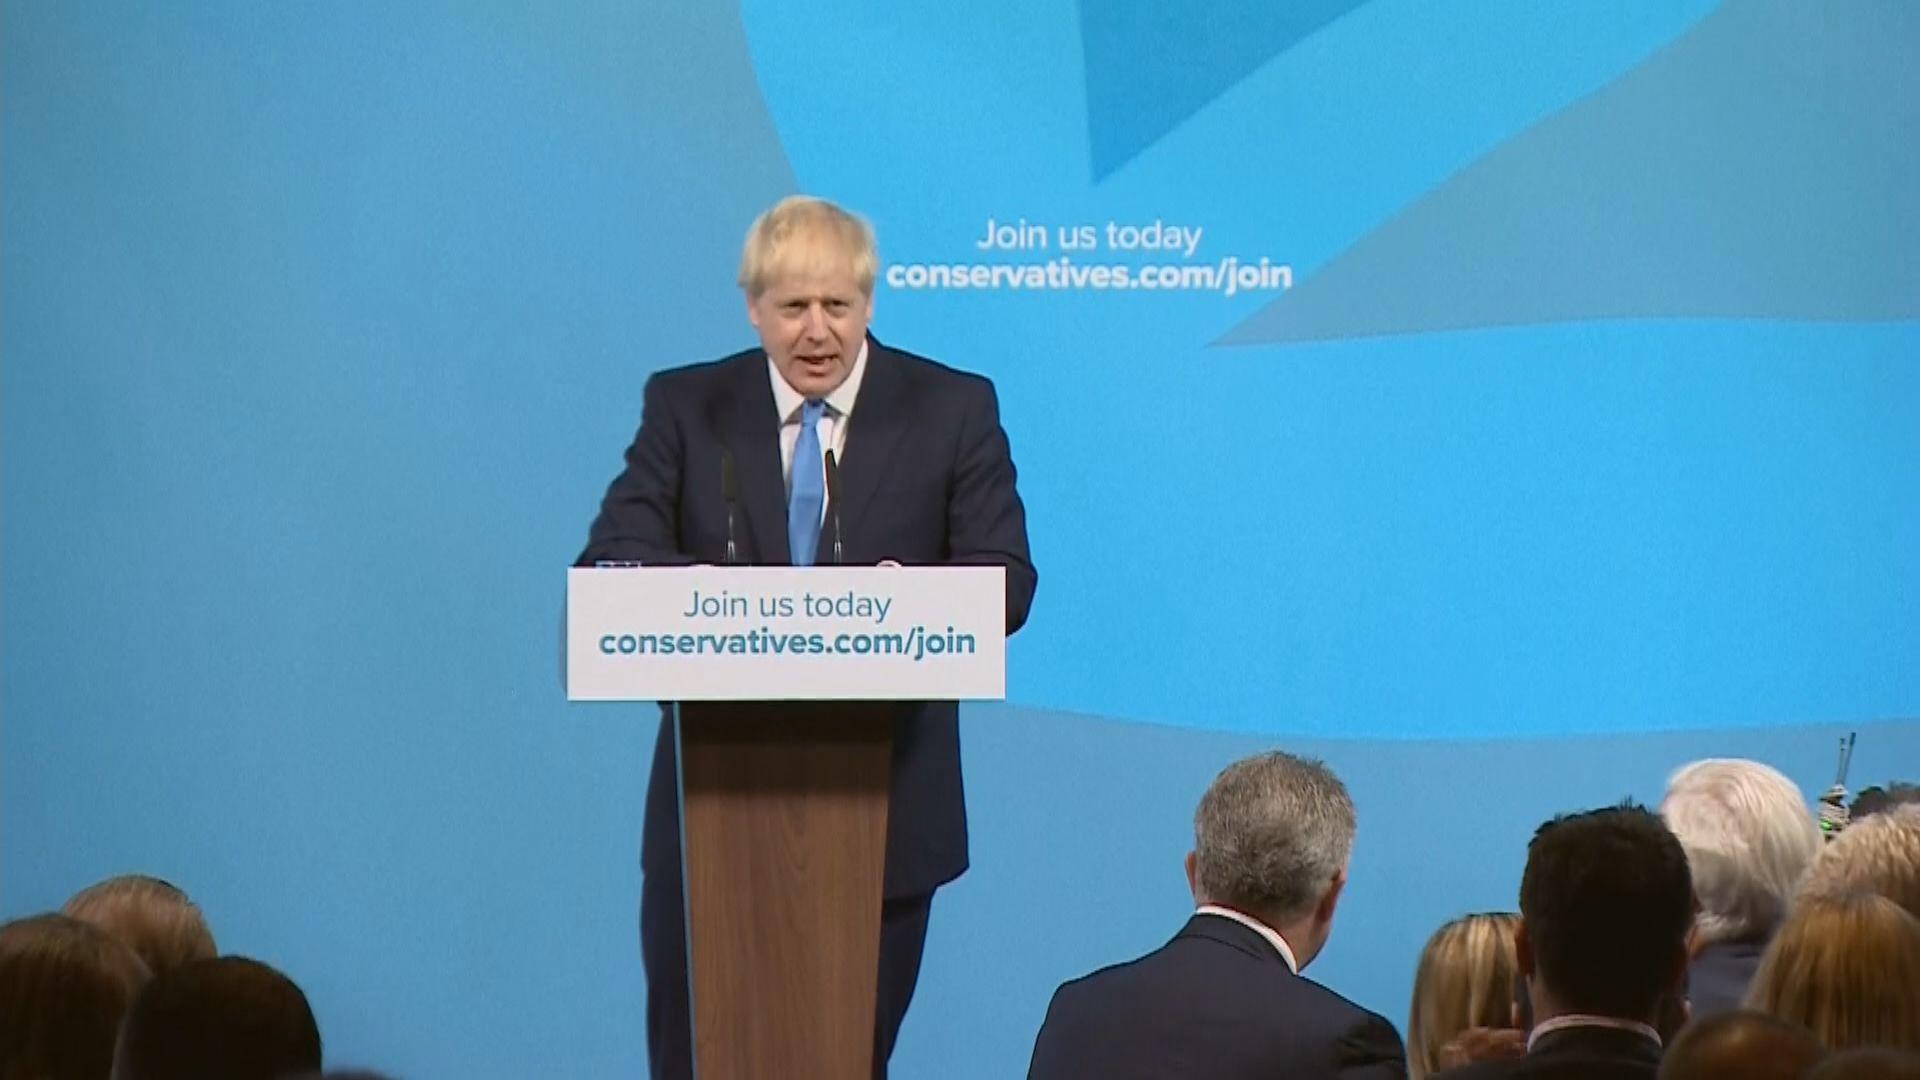 約翰遜勝出英國保守黨黨魁選舉